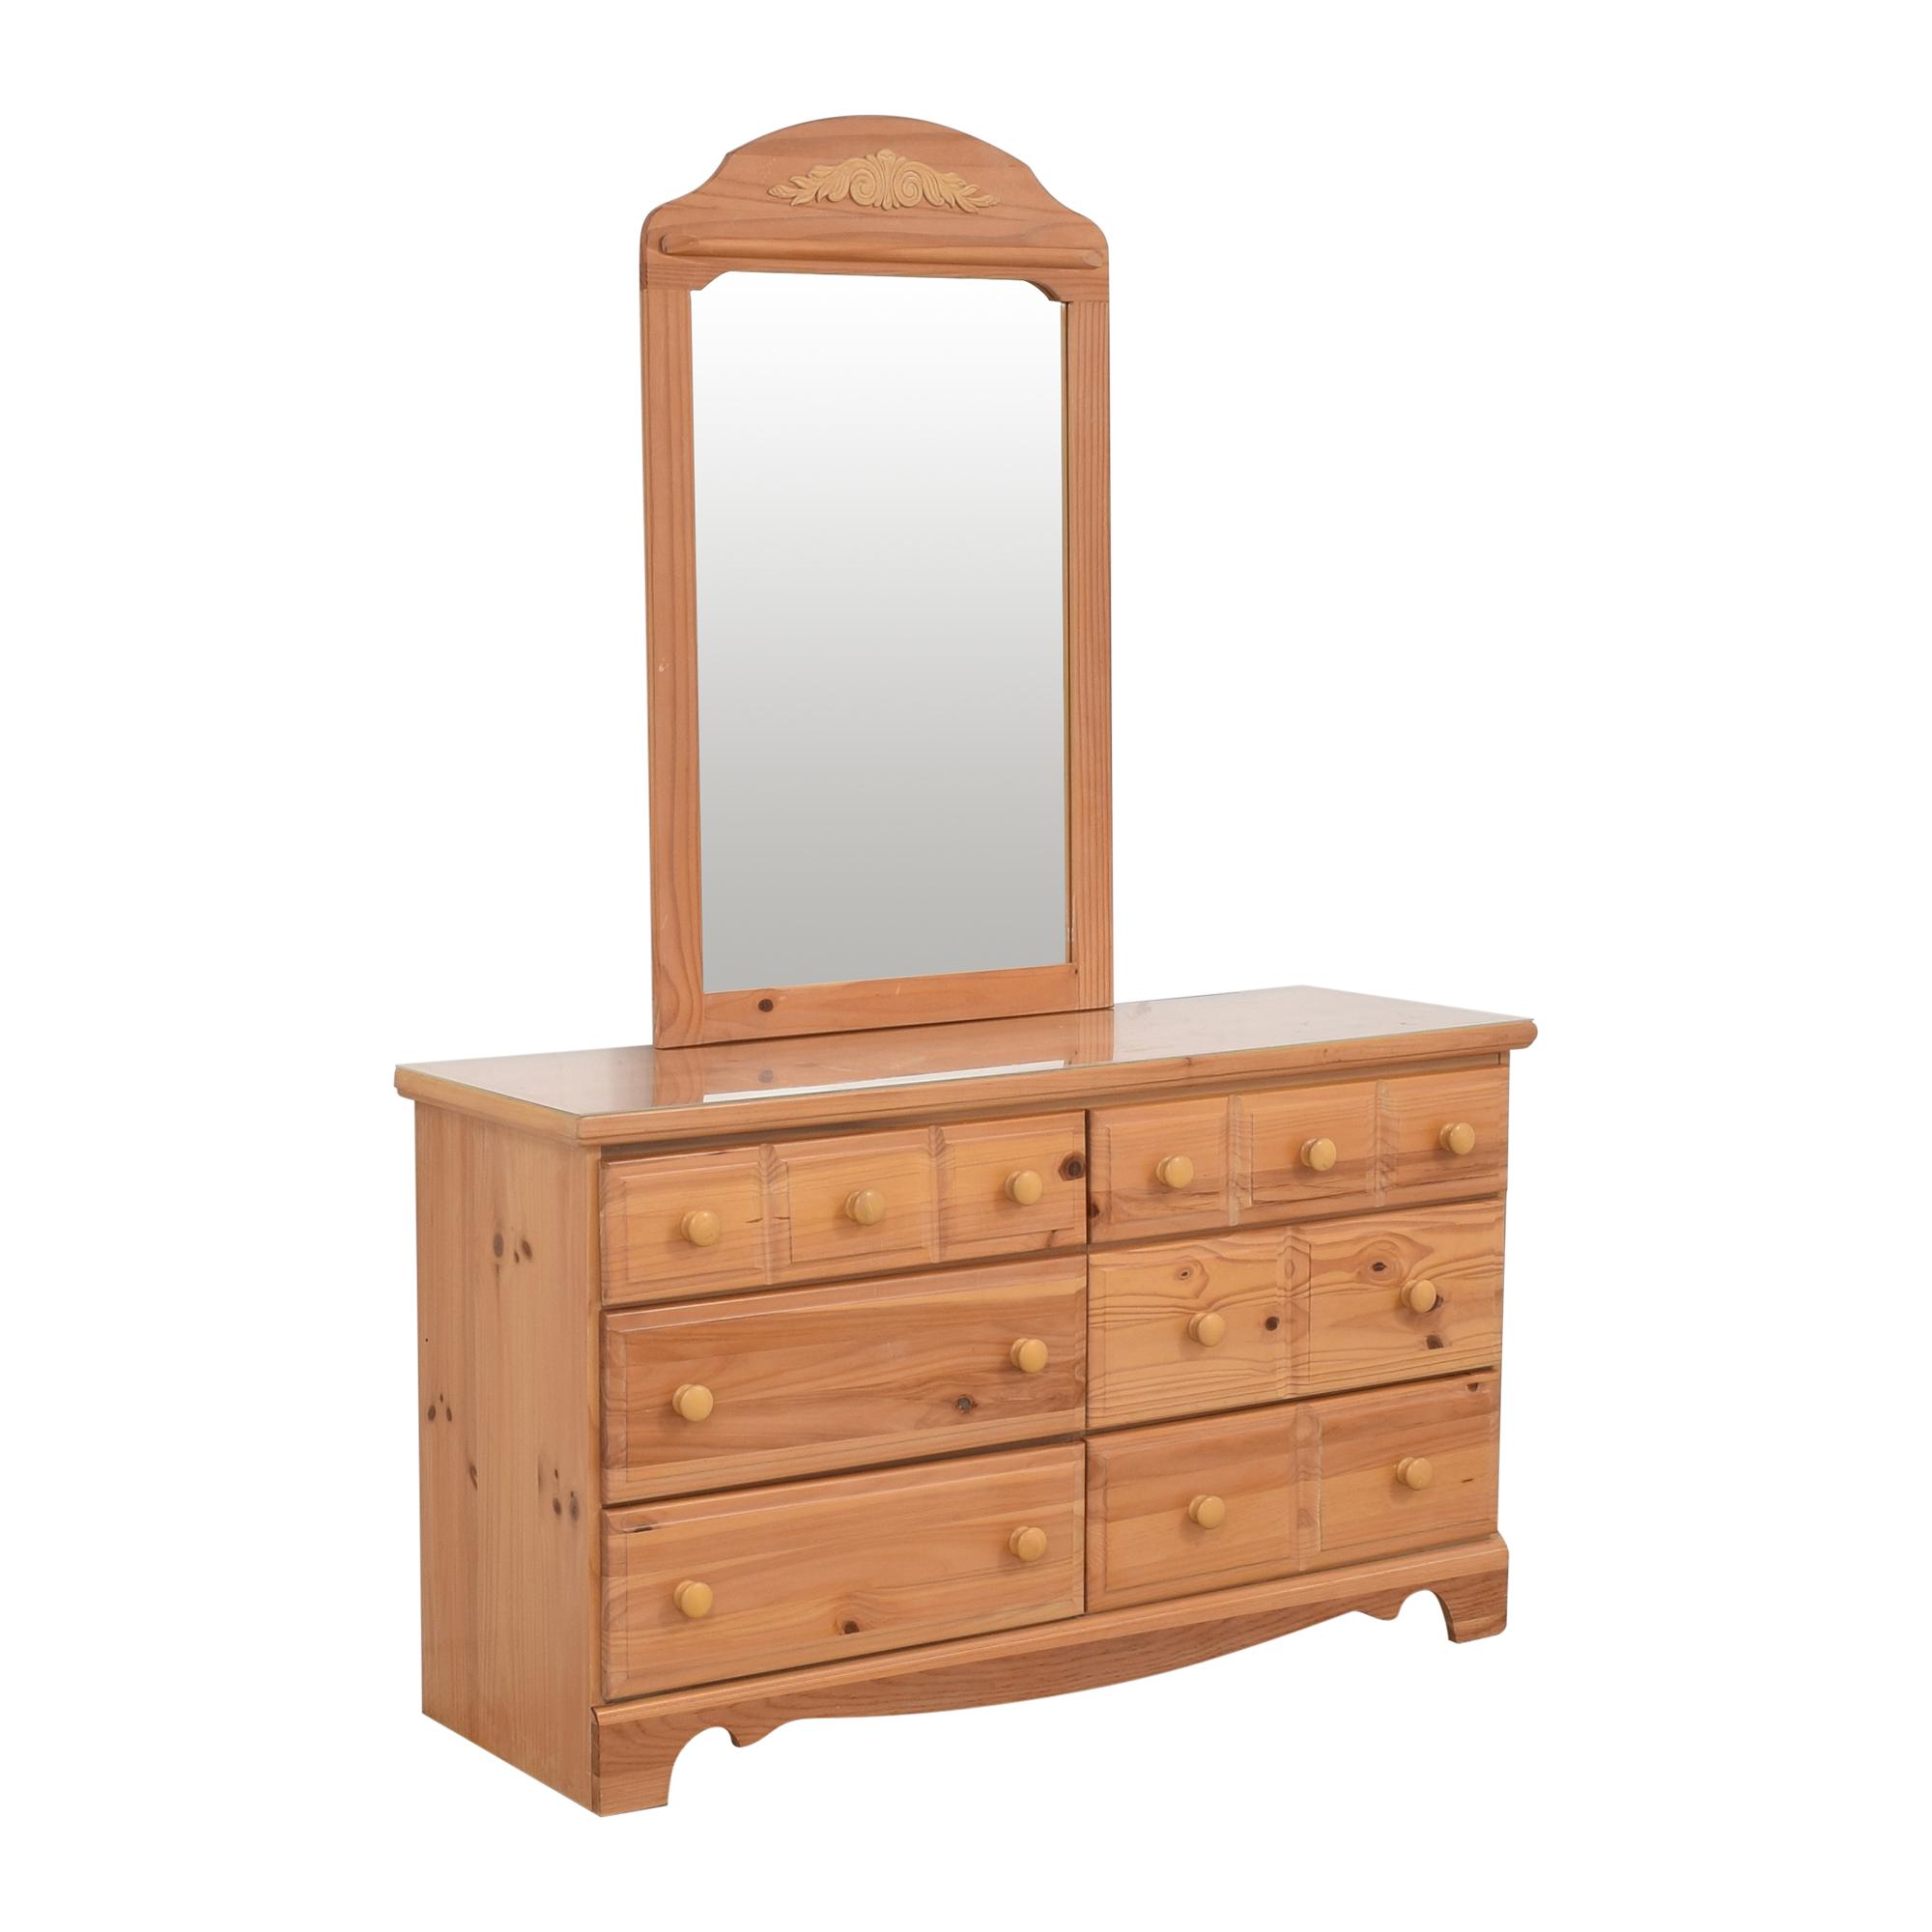 Vaughan-Bassett Vaughan-Bassett Six Drawer Dresser and Mirror brown